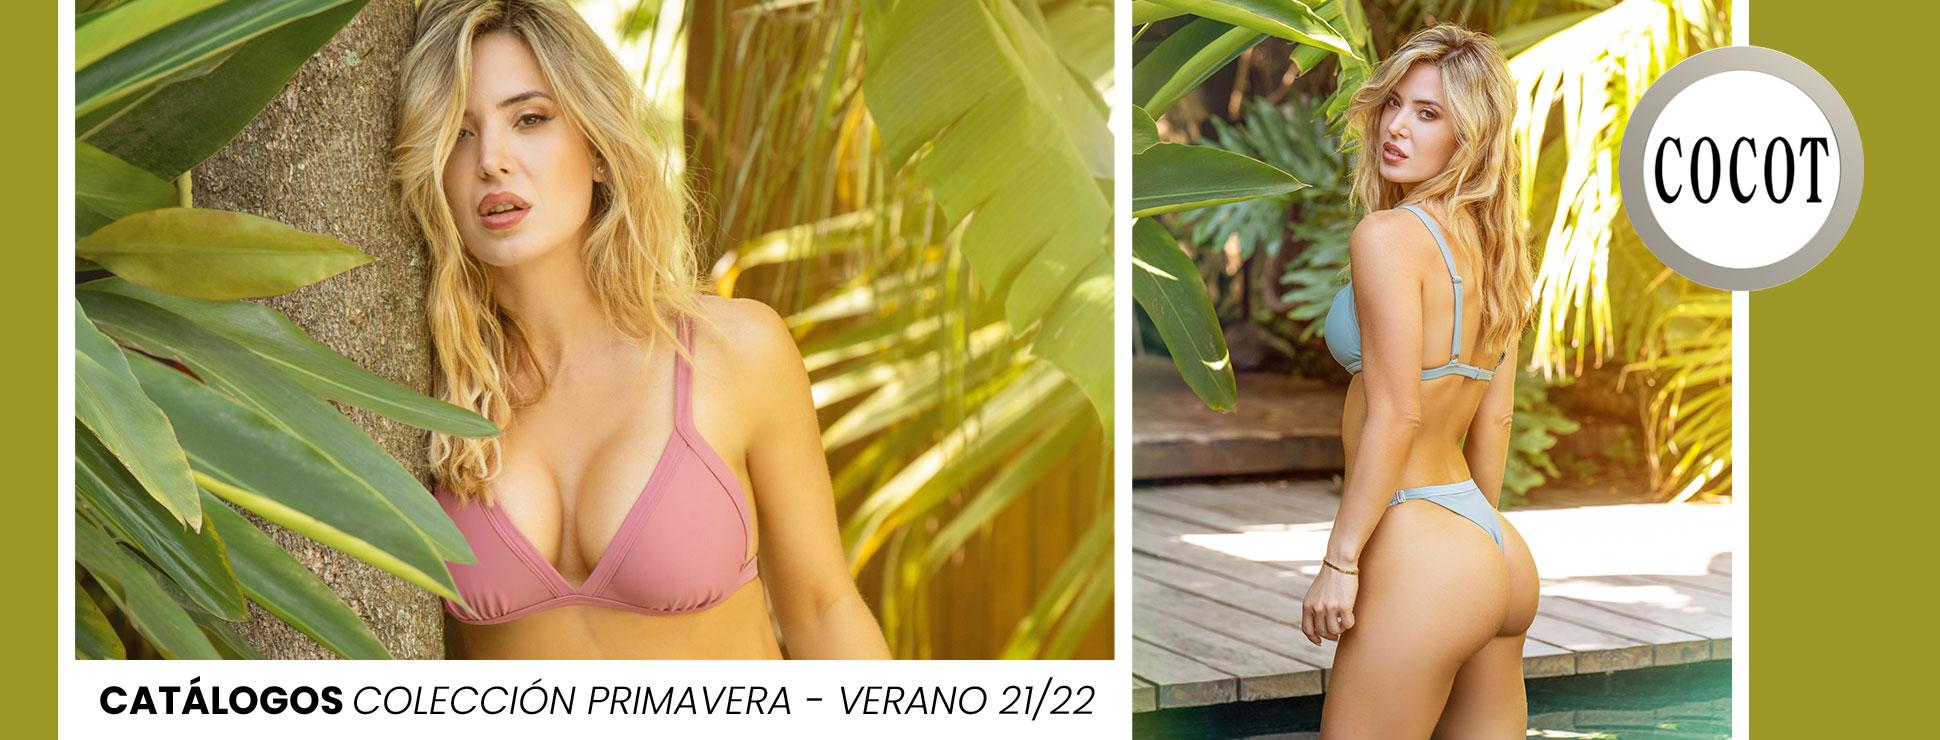 https://www.cocotonlinemayorista.com.ar/catalogos-primavera-verano-2021-22-cocot.html